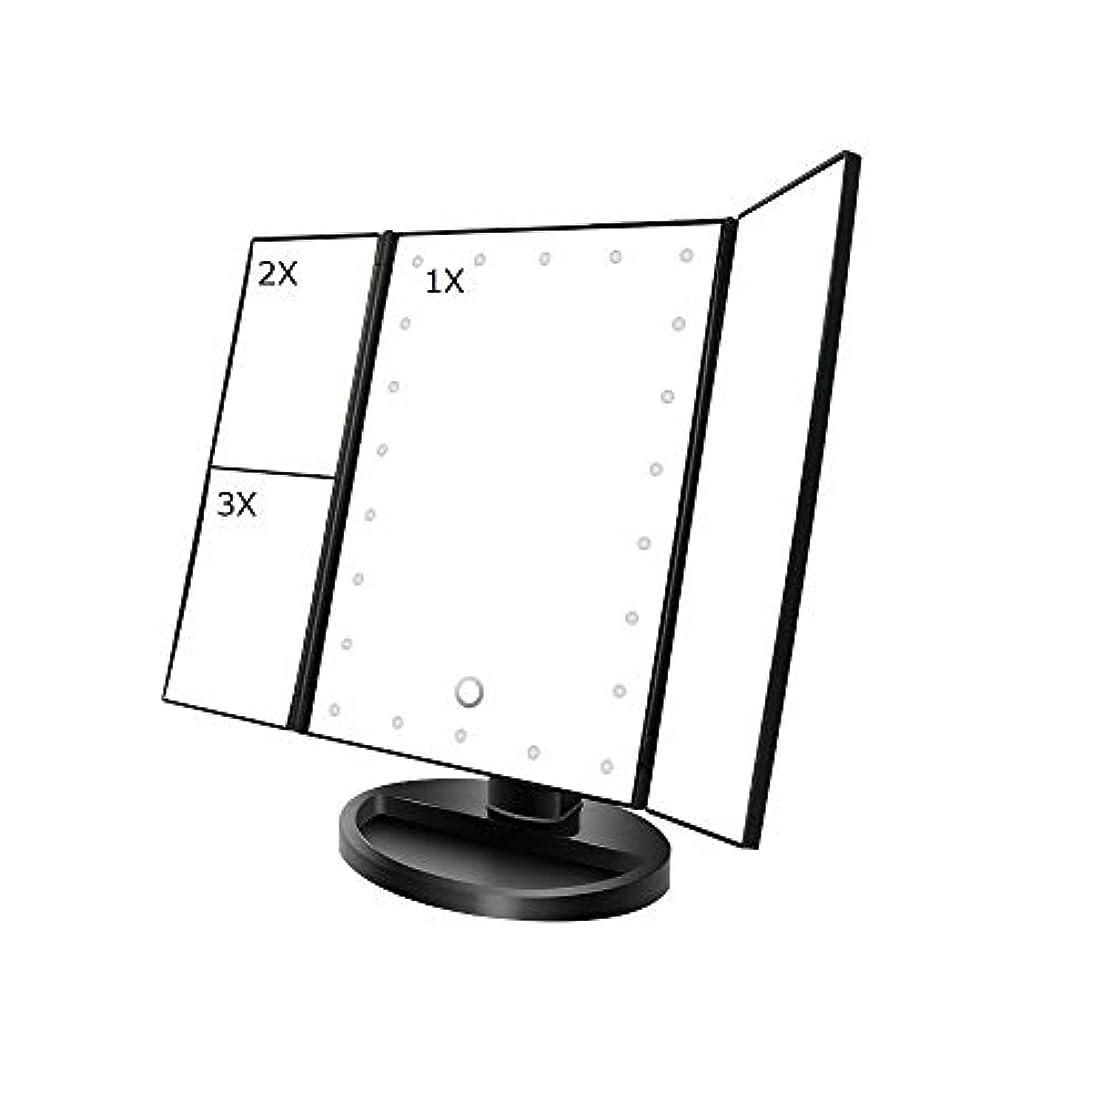 欠陥運河崇拝する化粧鏡 化粧ミラー 鏡 三面鏡 女優ミラー 鏡 折りたたみ式 ledライト付き 明るさ調整可能 拡大鏡 2&3倍 180°回転 電池&USB 2WAY給電 ブラック